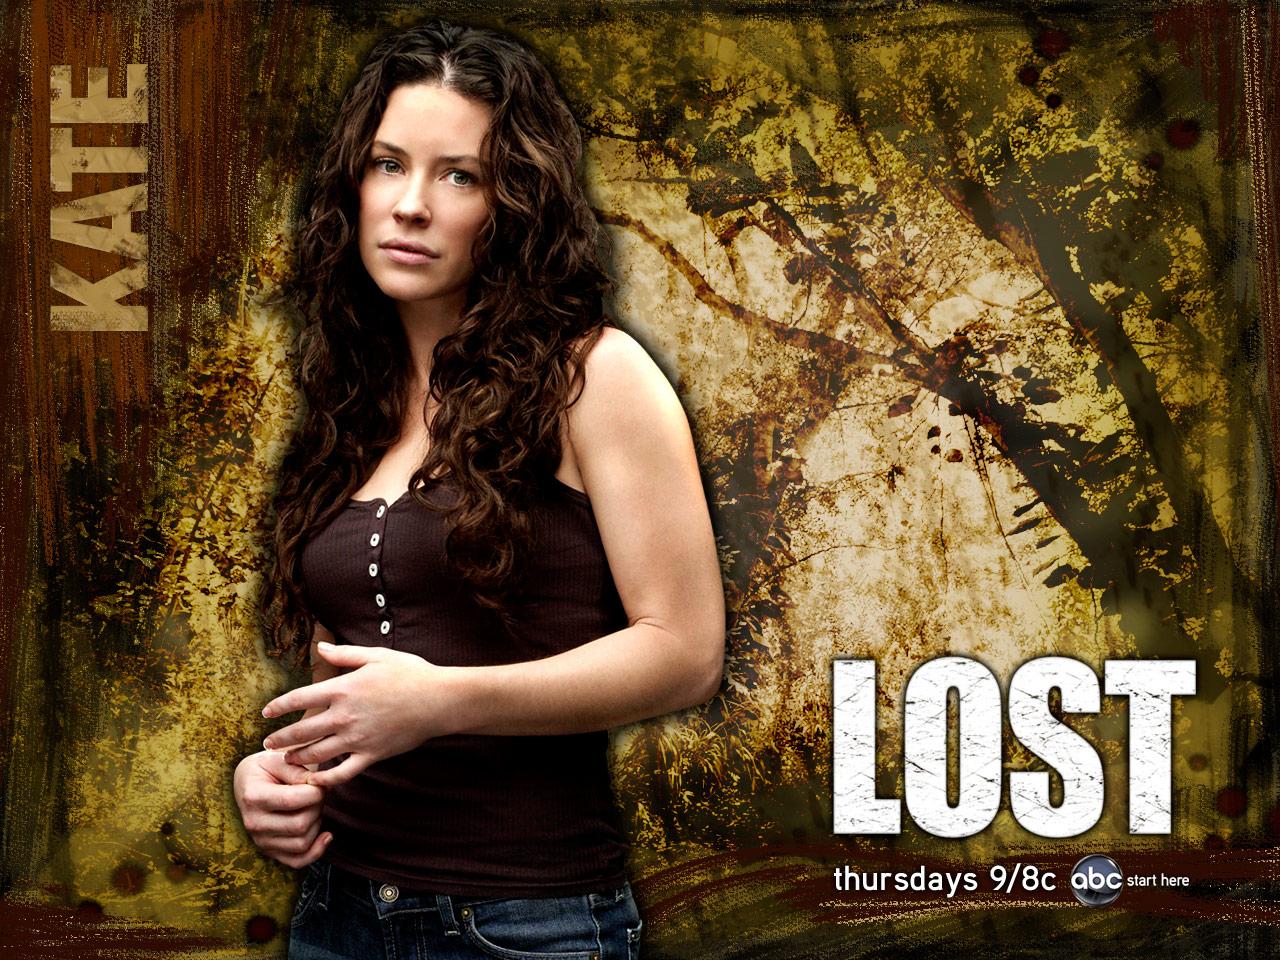 http://2.bp.blogspot.com/_CqPXN1_5w4k/TOS6Ep72wvI/AAAAAAAAAVU/ZGw4-Ig6C18/s1600/Lost%2B-%2BKate%2BAusten.jpg